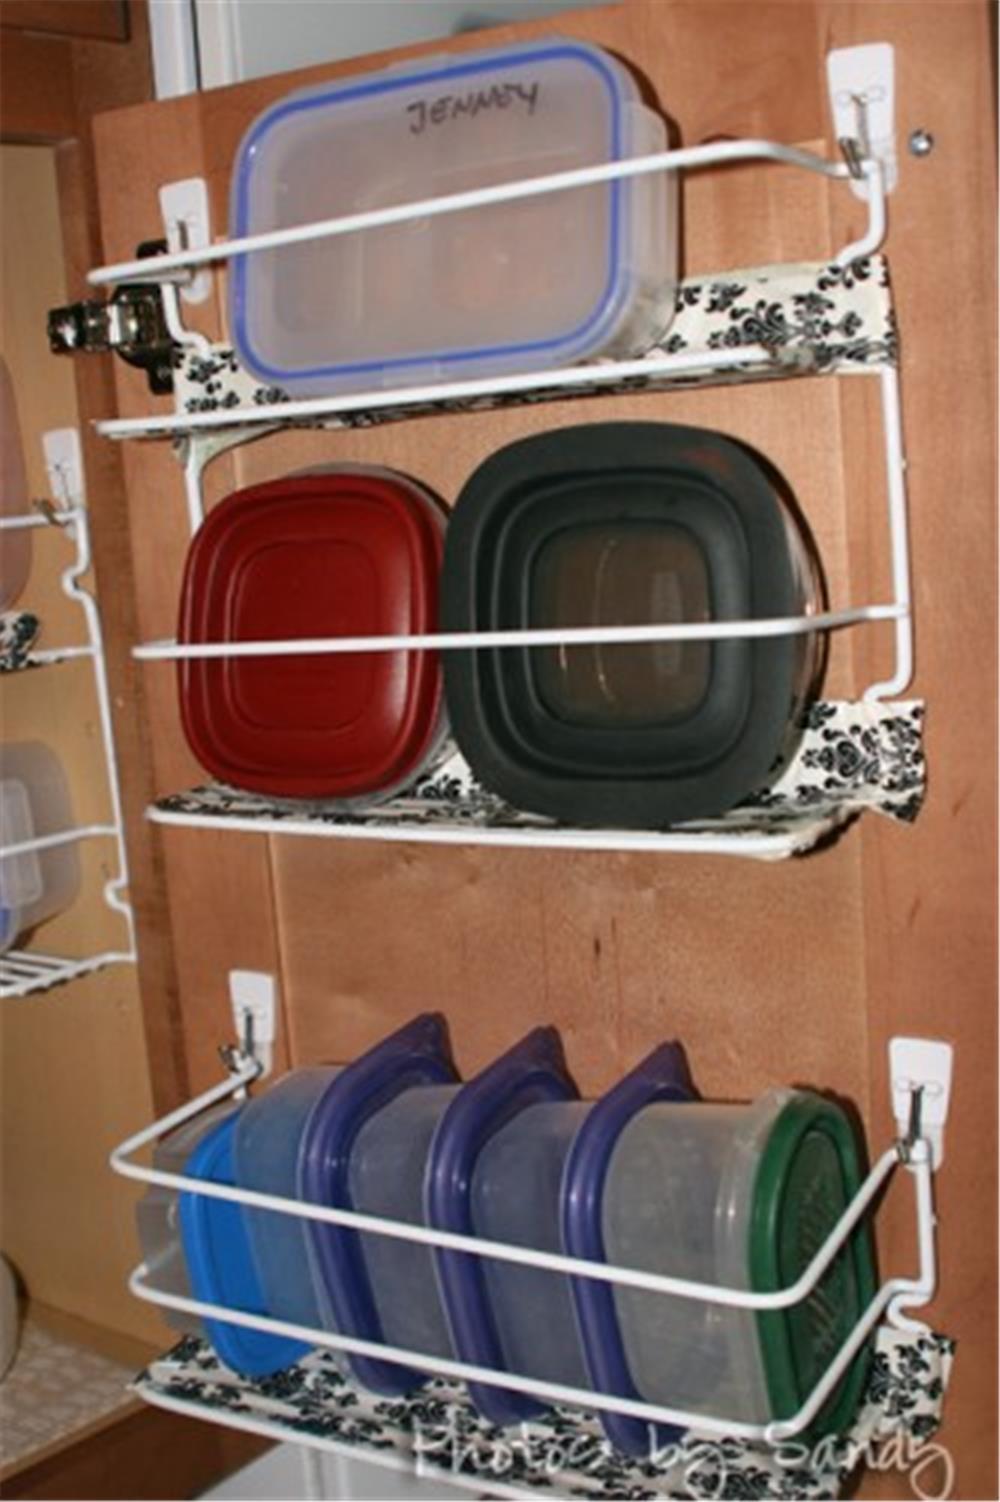 9 mẹo tận dụng cánh cửa tủ bếp lưu trữ đồ đạc tiện ích (9)